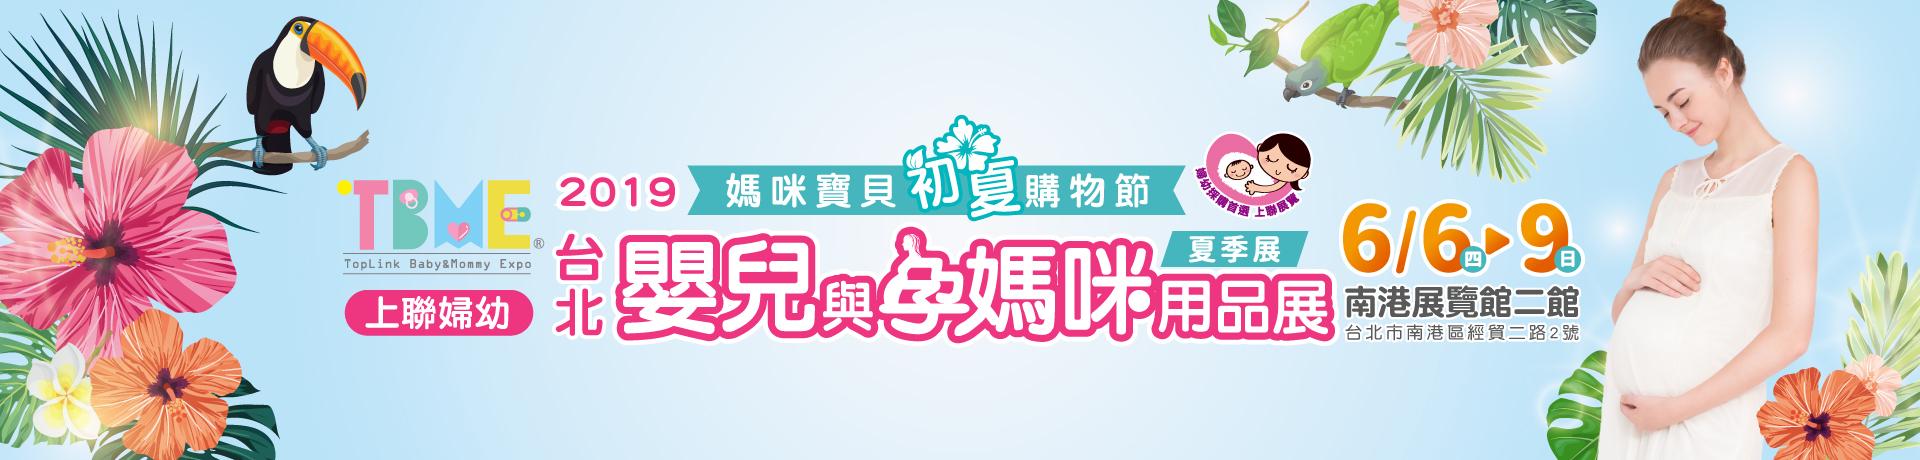 第21屆台北國際嬰兒與孕媽咪用品展(春夏季)